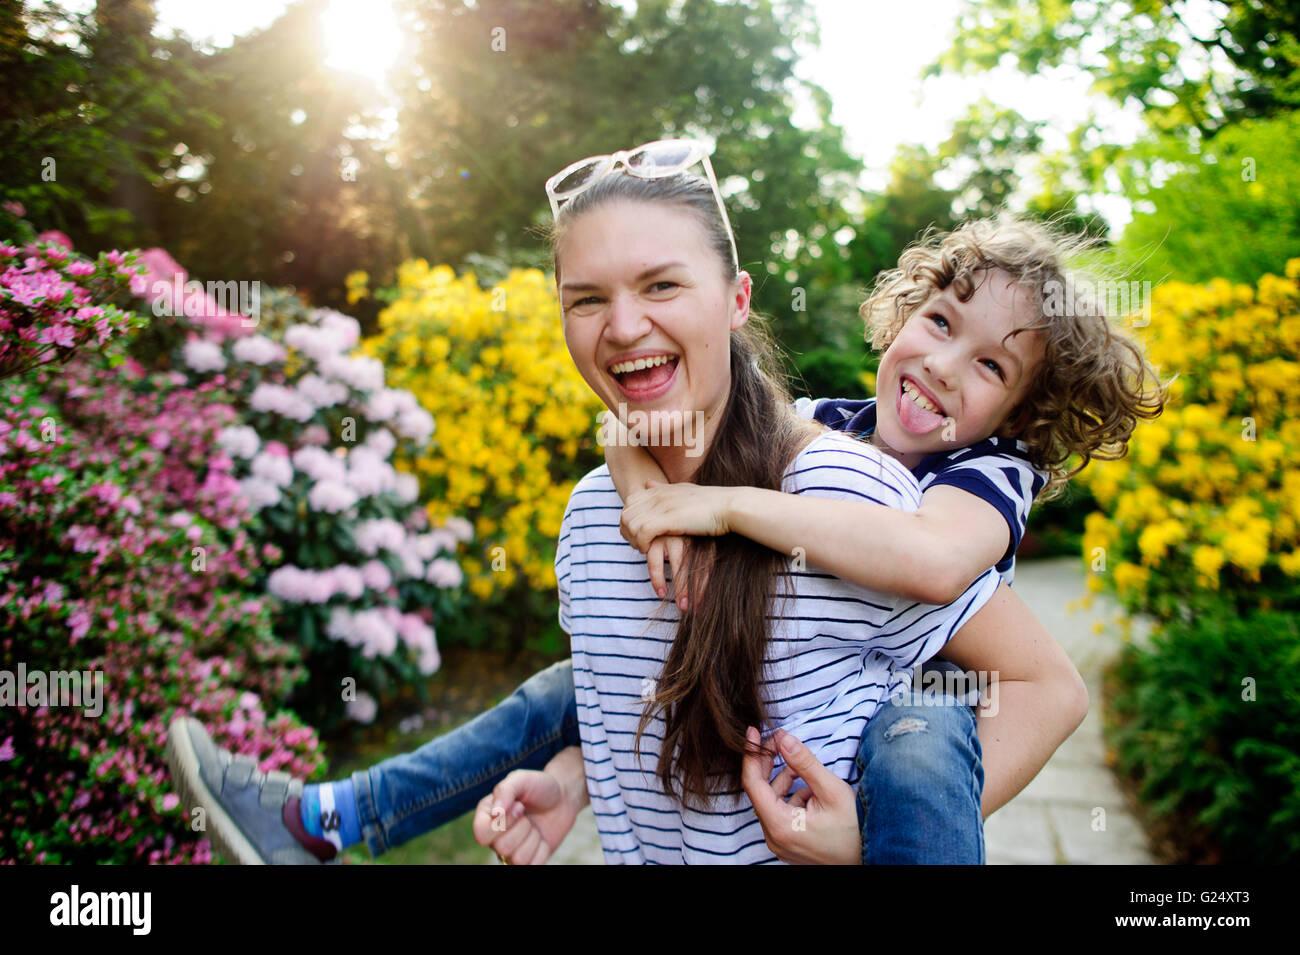 La hermana mayor con su hermano jugando en el parque Imagen De Stock